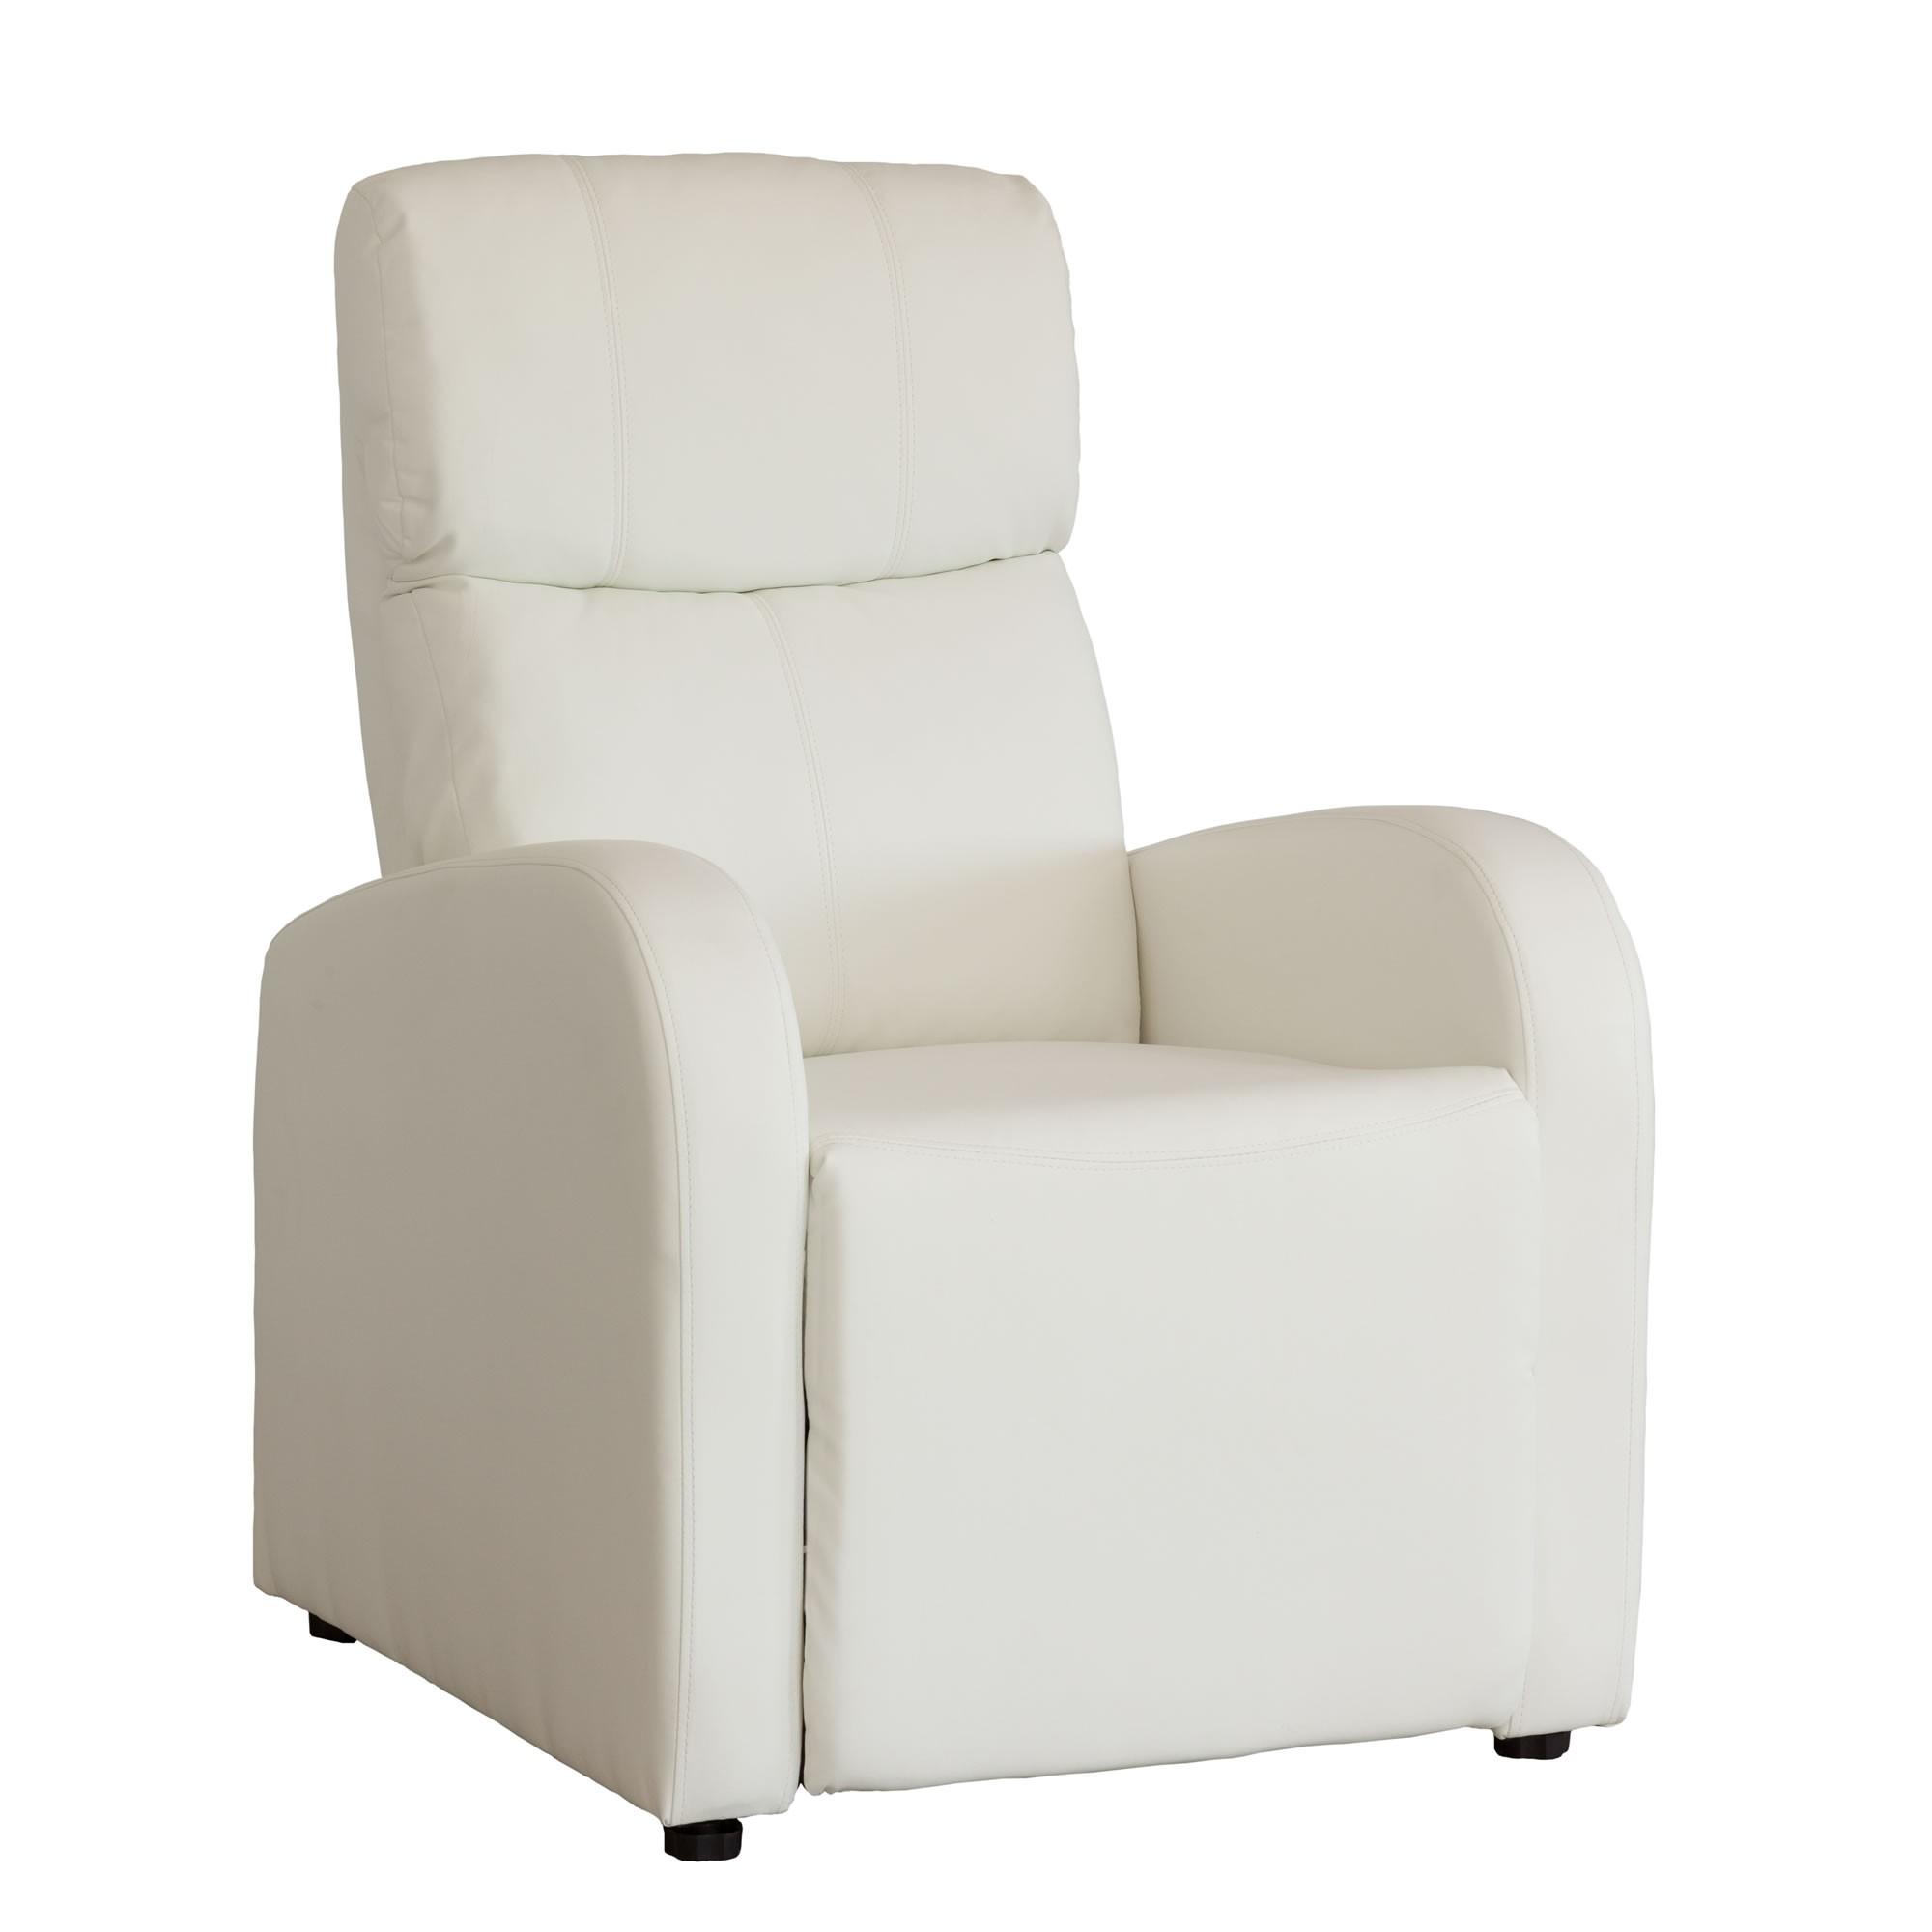 Sillones online excellent venta online de sillas y - Sillon reclinable ikea ...